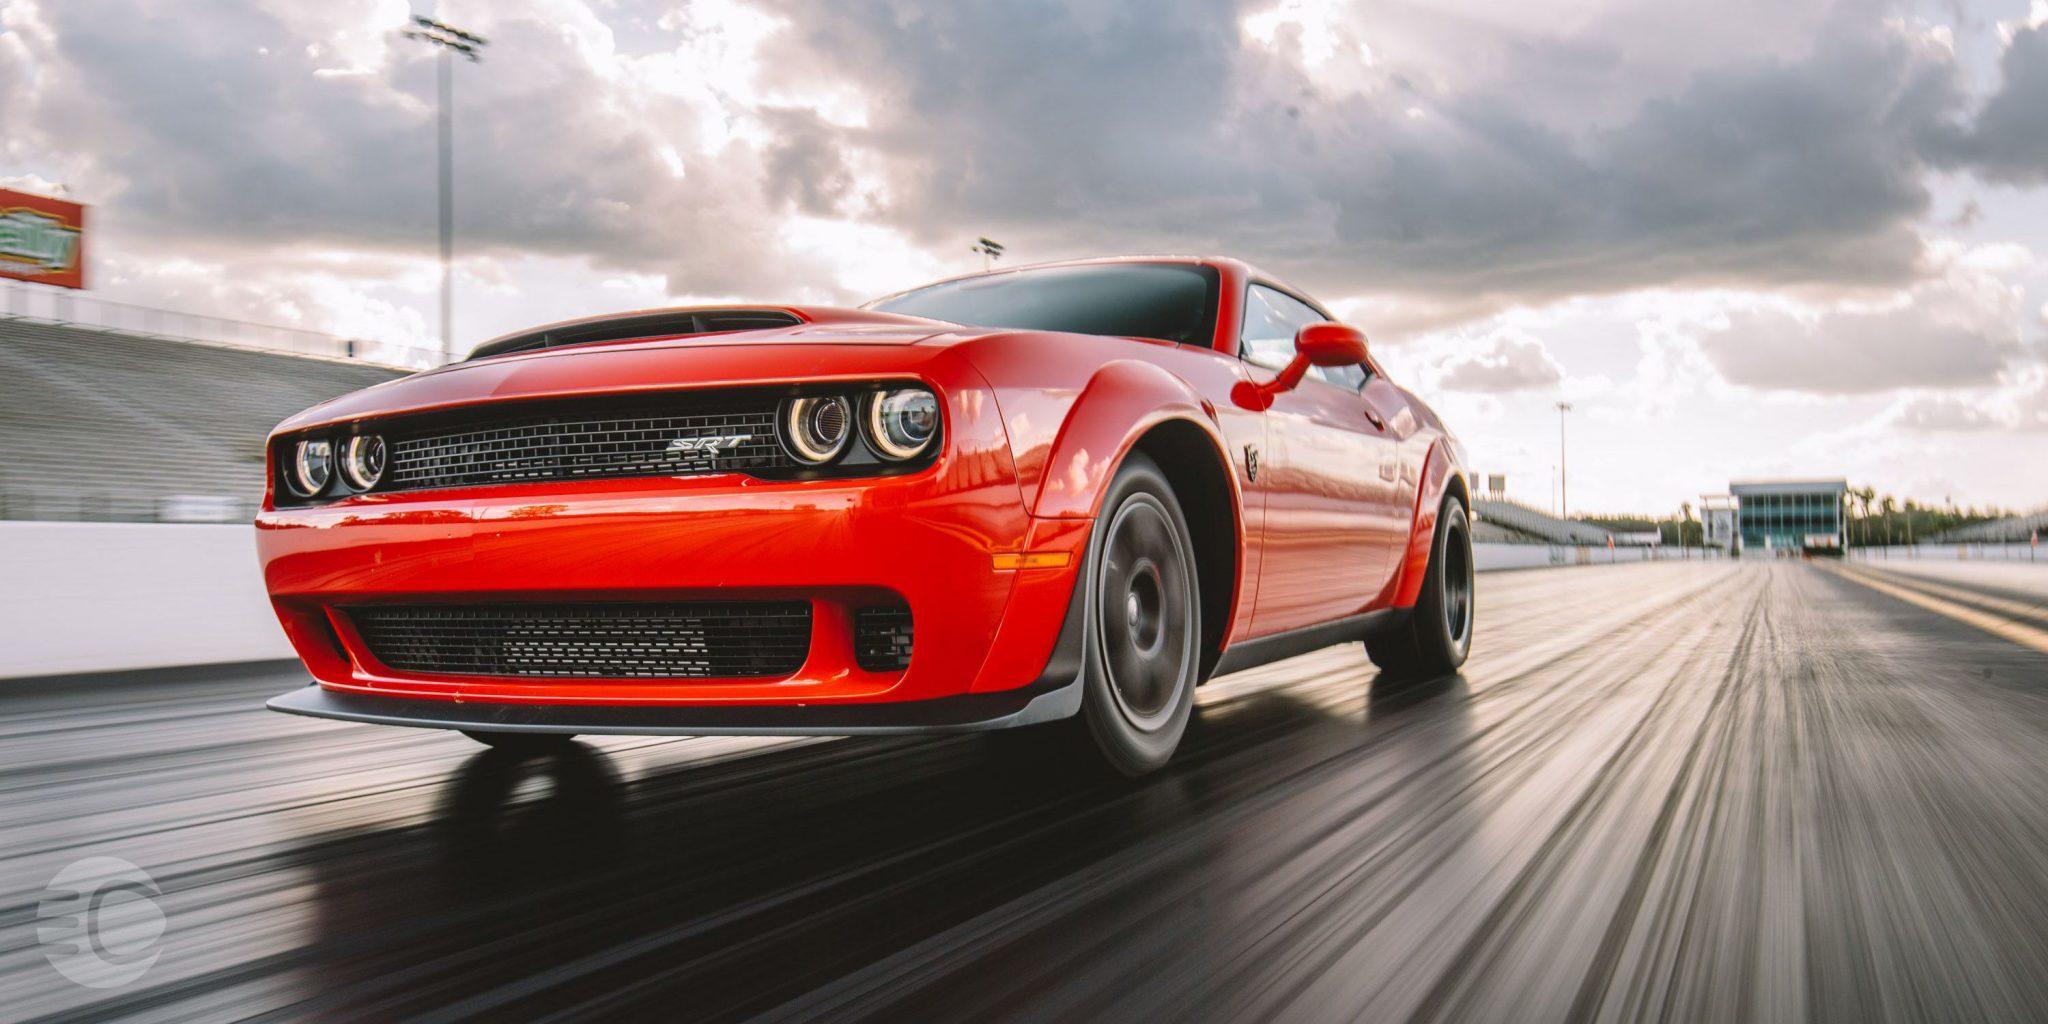 دلایل کاهش شتاب خودرو